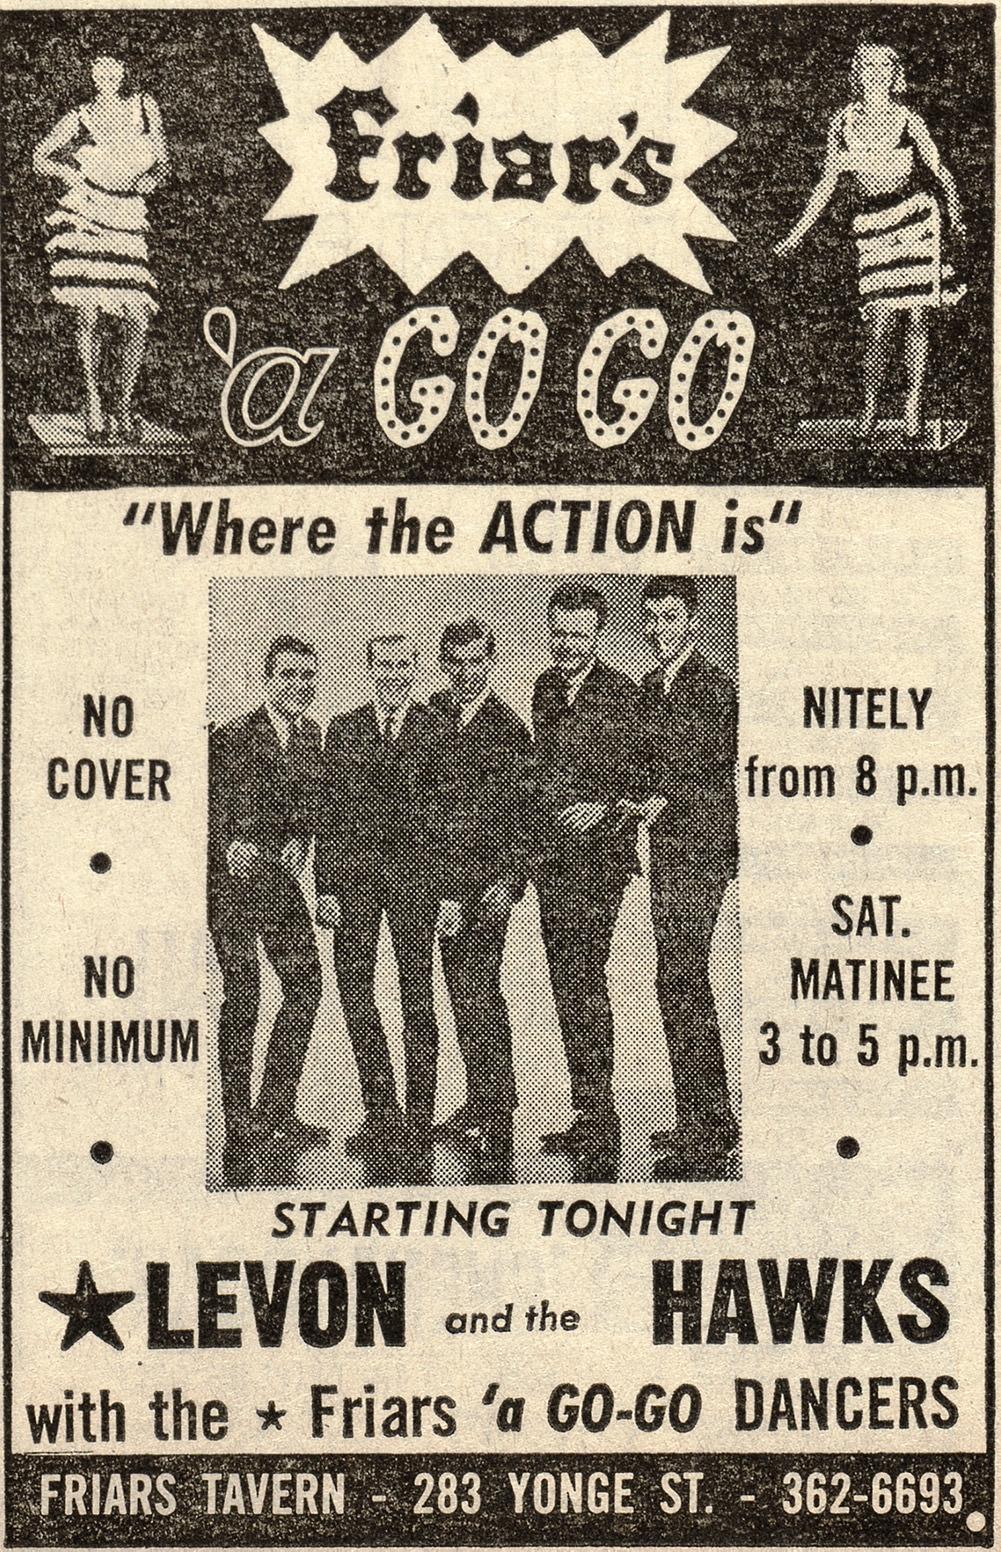 Une affiche annonçant «Friar's 'a Go Go» à la Friar's Tavern. Des photos de danseuses sont affichées dans les coins supérieurs gauche et droit du prospectus. Au milieu de celui-ci, on voit cinq hommes en complet qui regardent l'objectif. Le prospectus les présente sous le nom de «Levon and the Hawks» avec les «Friars 'a Go-GoDancers». Il donne aussi des informations supplémentaires telles que «Pas de frais d'entrée, pas de minimum, tous les soirs à partir de 20heures, sam. matin de 15 à 17heures».